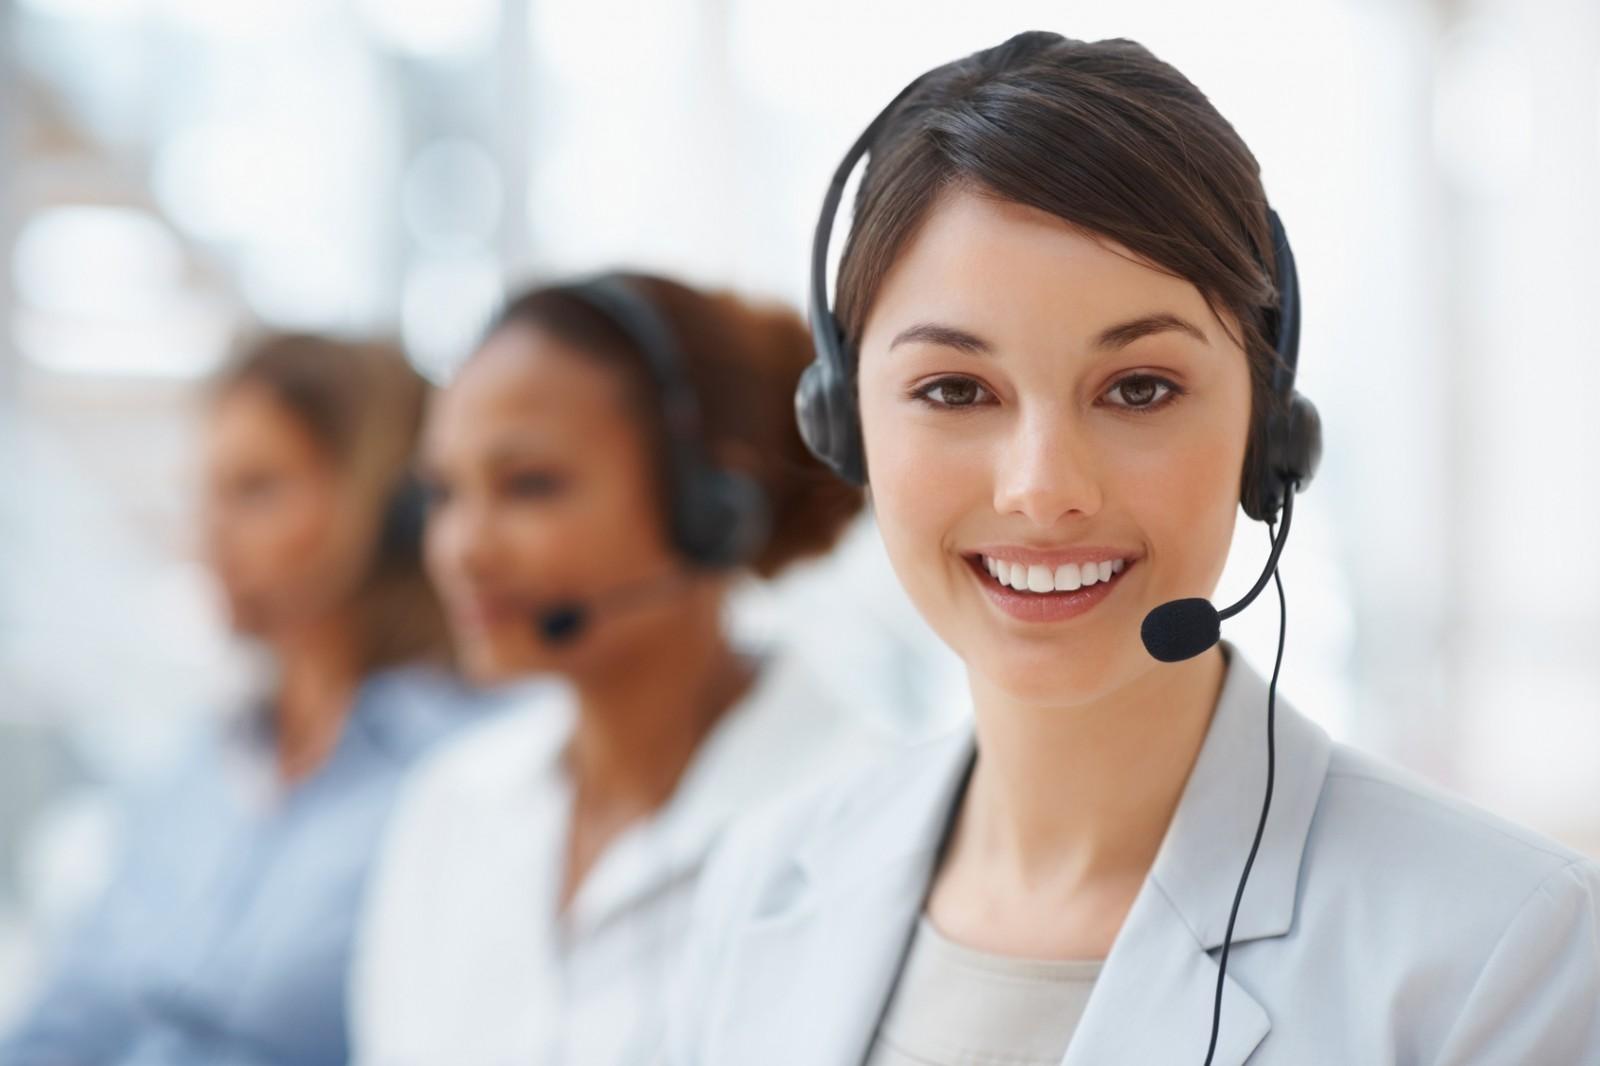 Bí quyết chăm sóc khách hàng chuyên nghiệp khi quản lý cửa hàng kinh doanh thực phẩm sạch